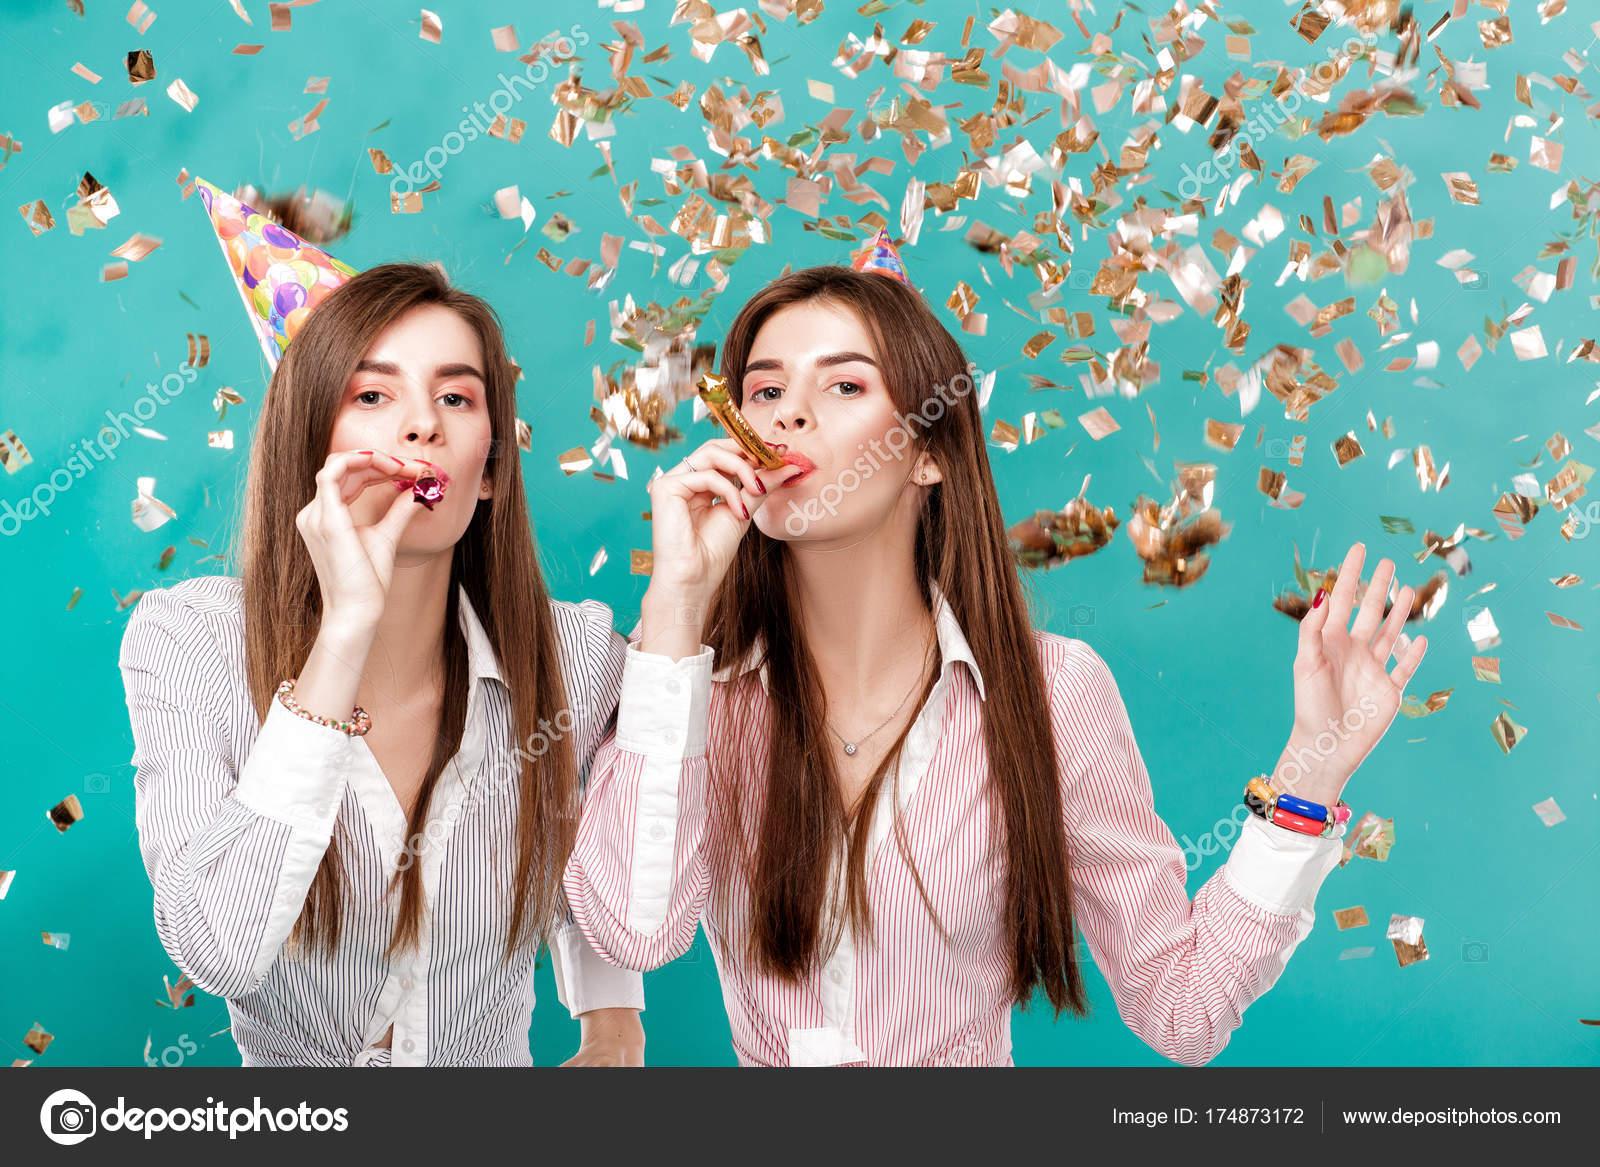 Frauen In Geburtstag Hut Und Konfetti Auf Blauem Hintergrund